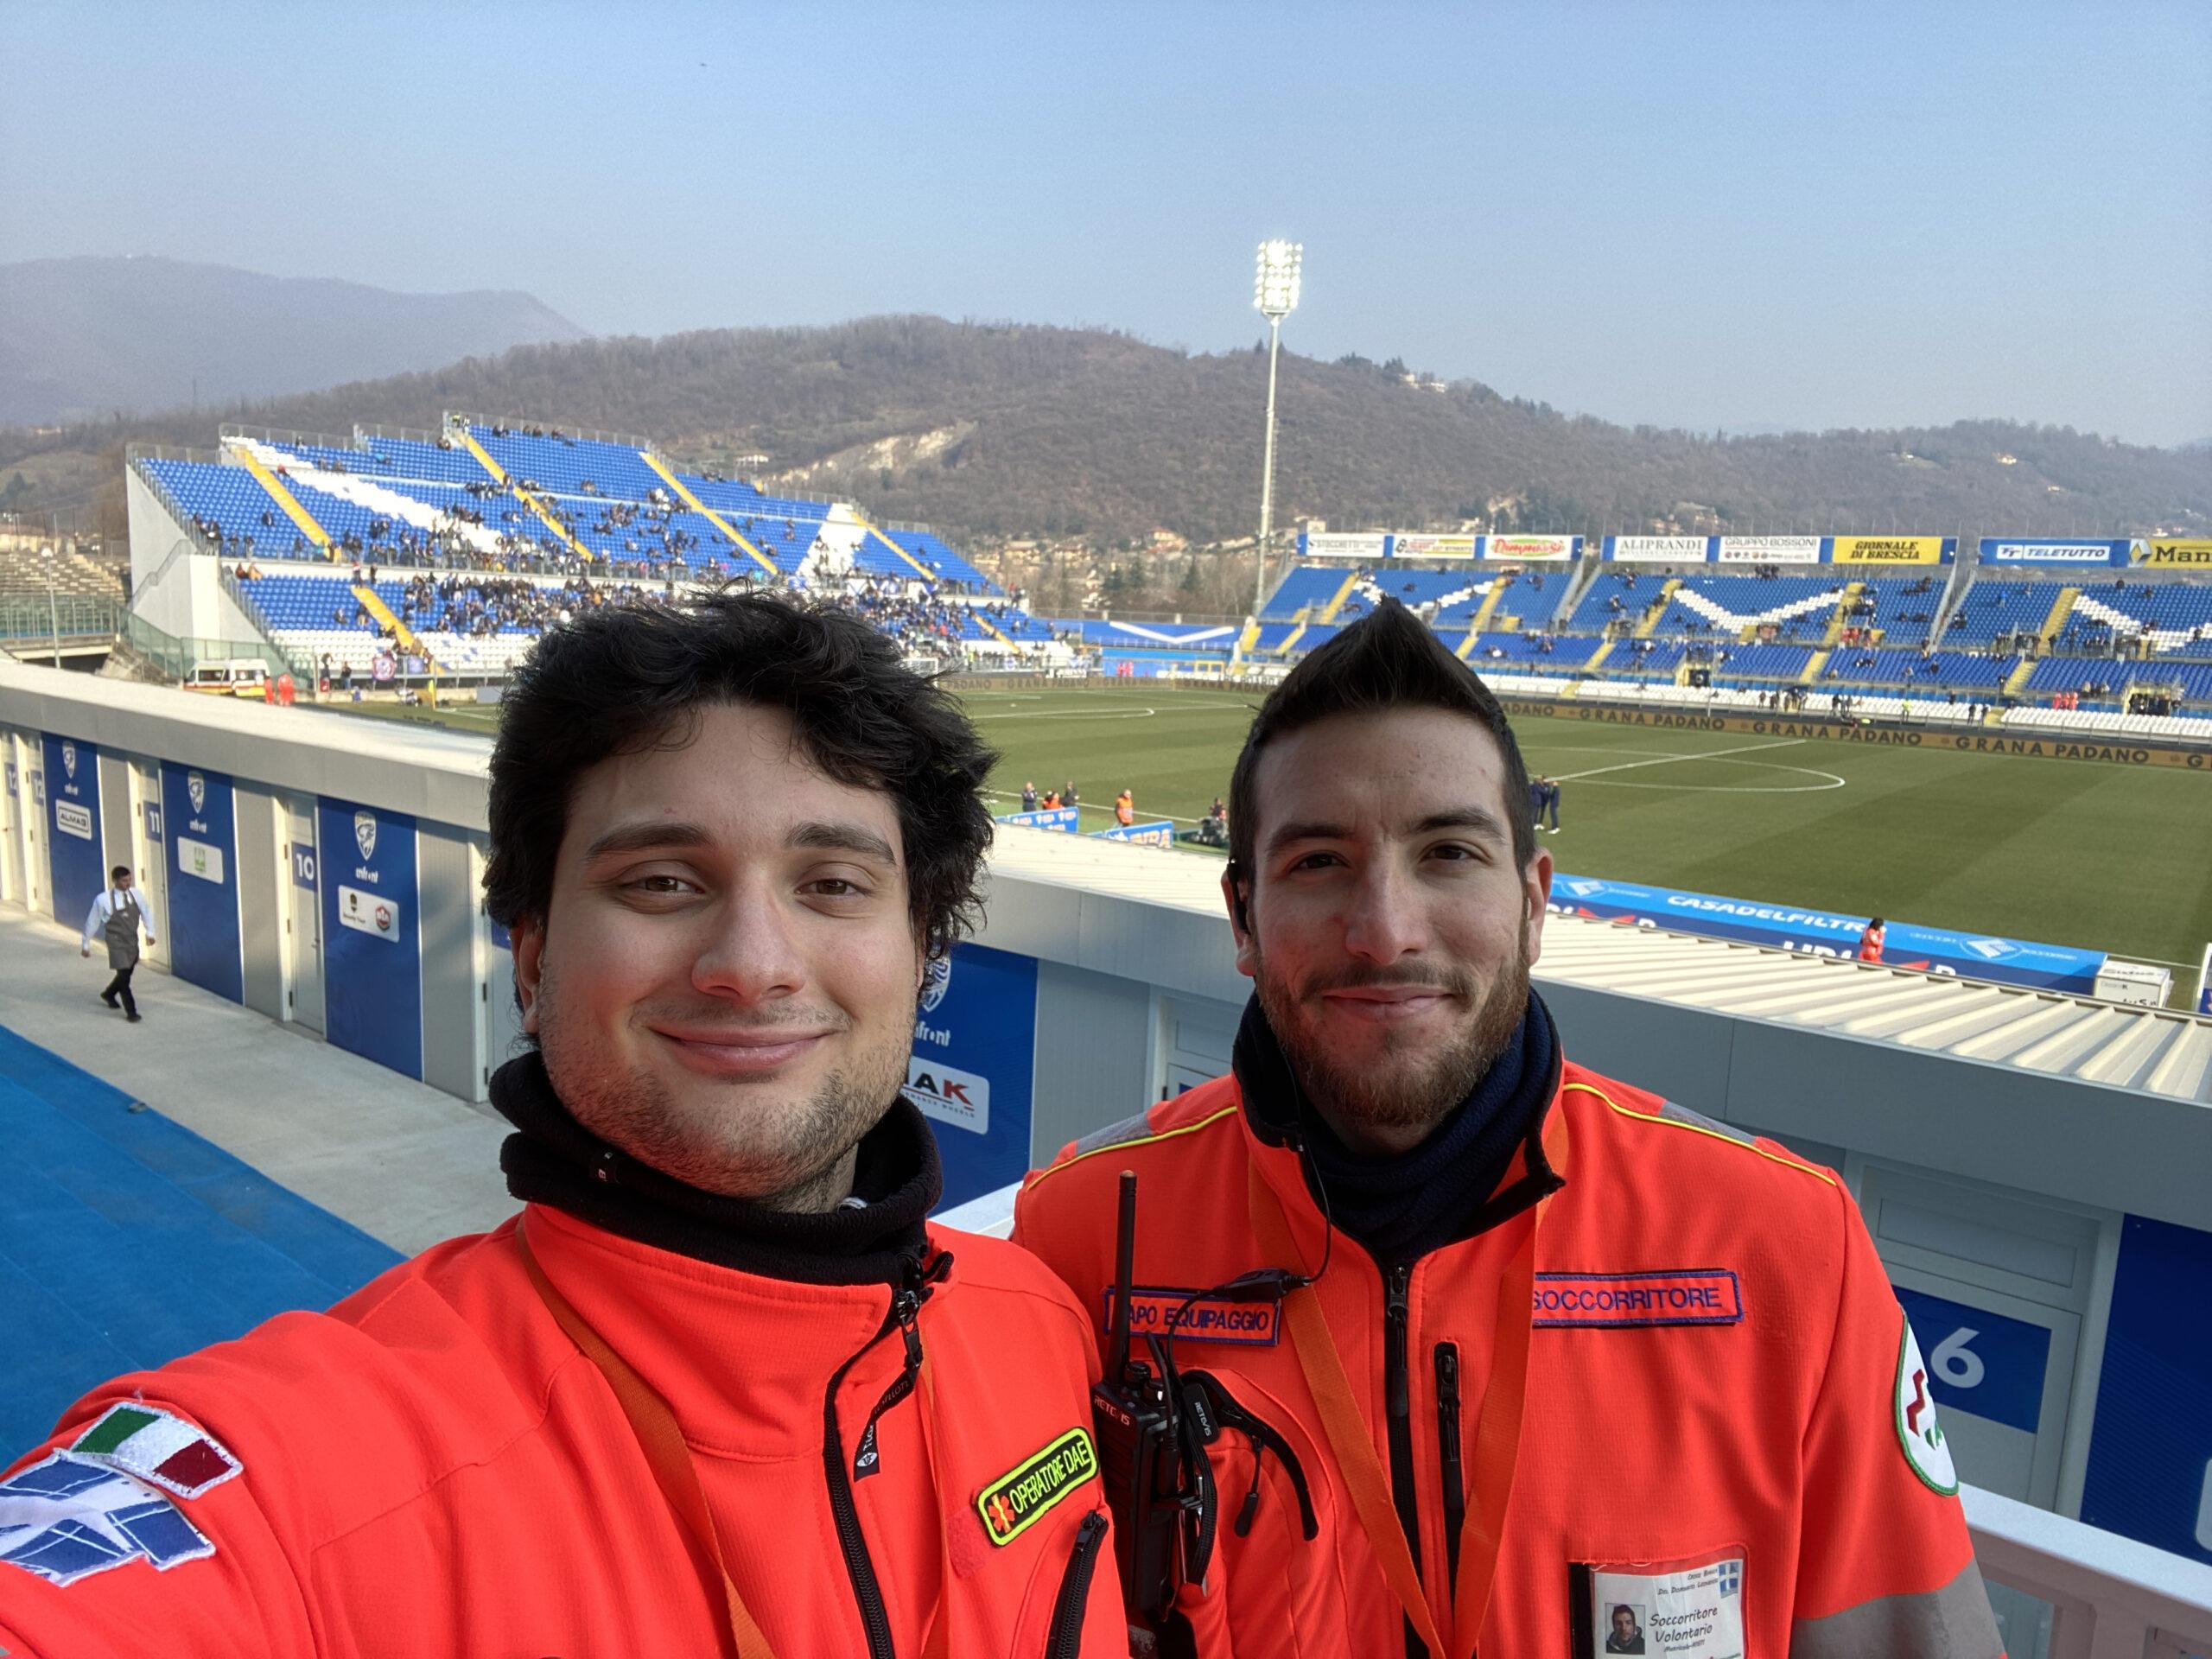 Carlo e Alessandro!